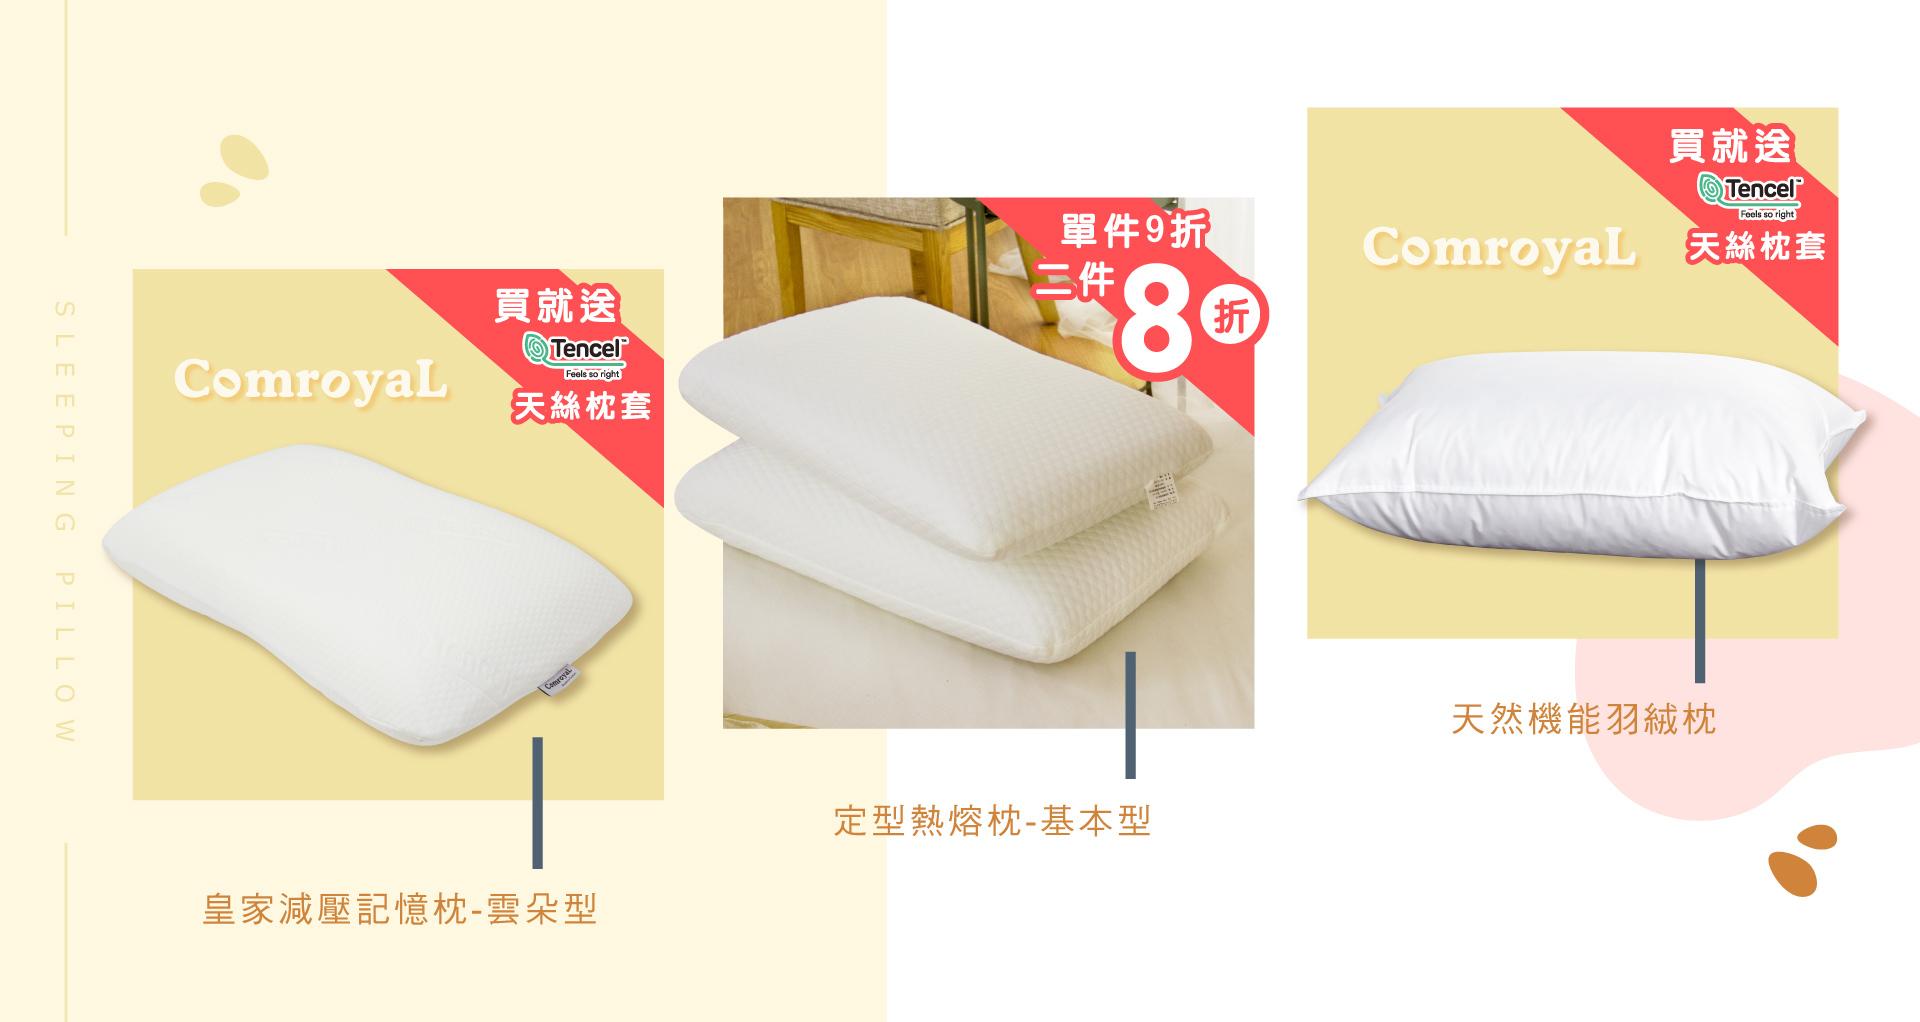 天恩寢具冬特賣,買枕頭送100%天絲枕套。